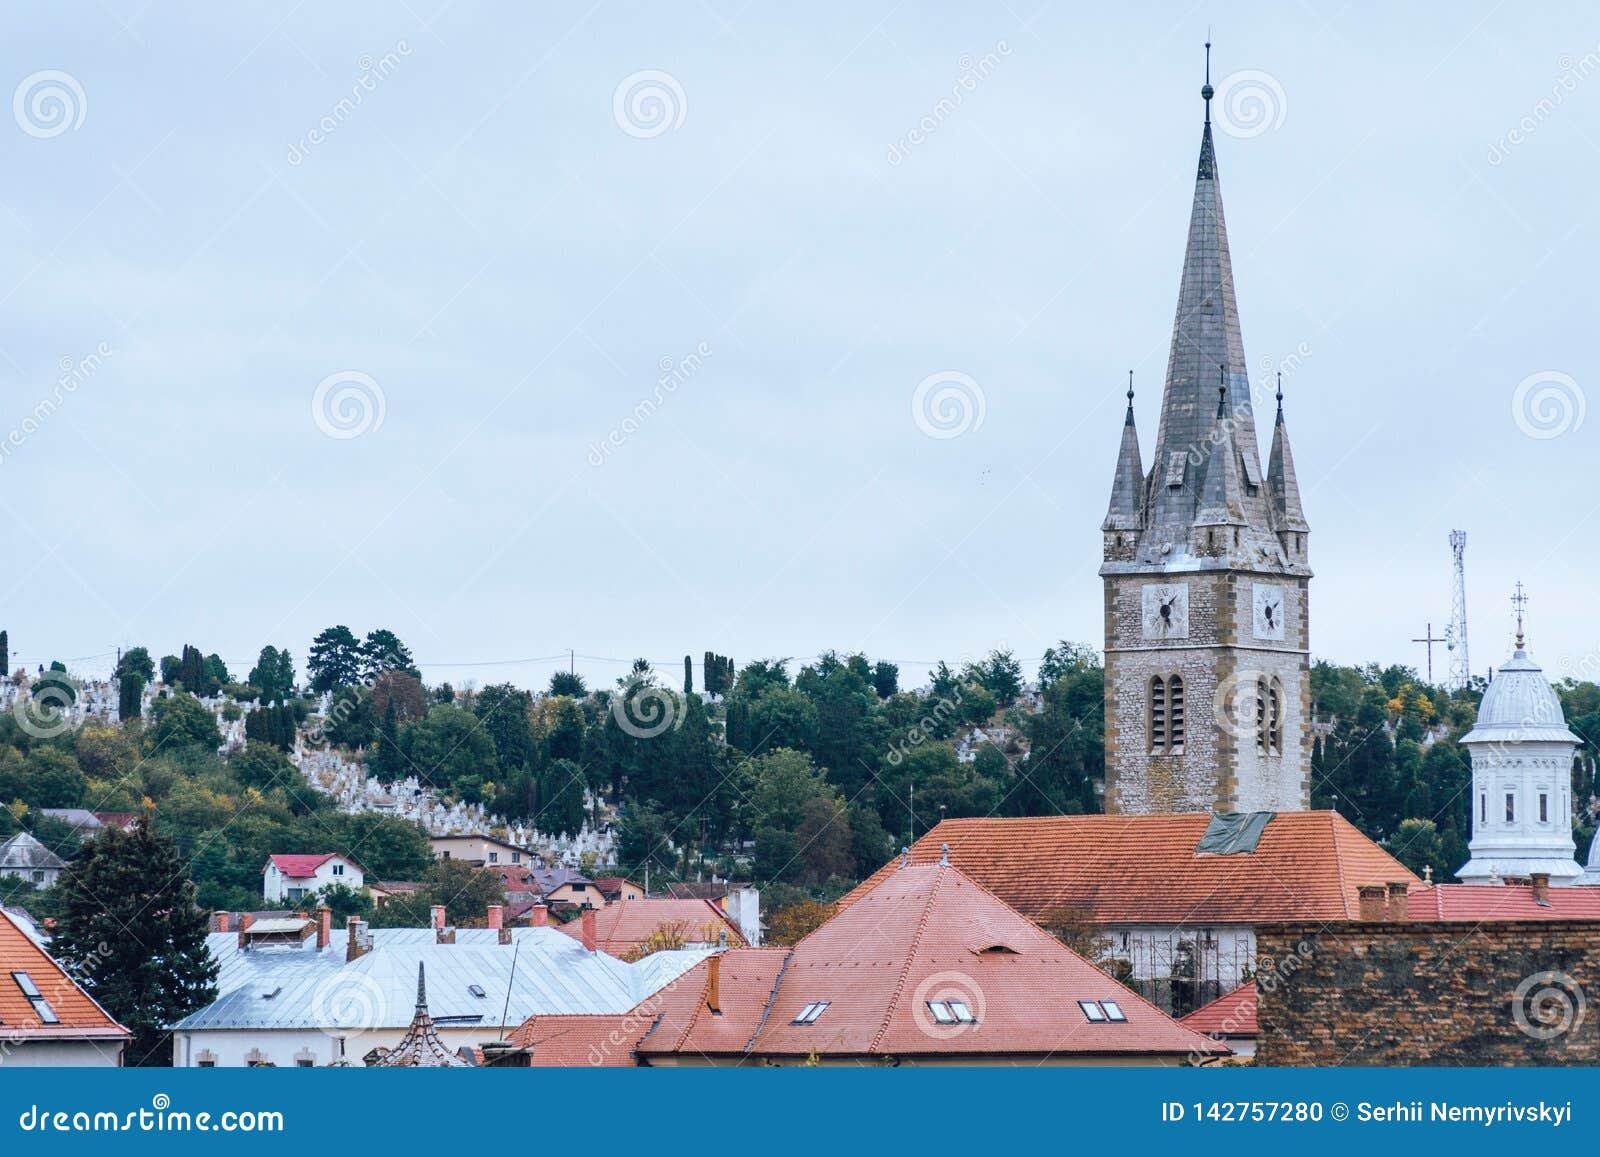 Ansicht der Stadt, Dachspitzen, eine Kapelle auf der Hauptstraße Turda Rumänien